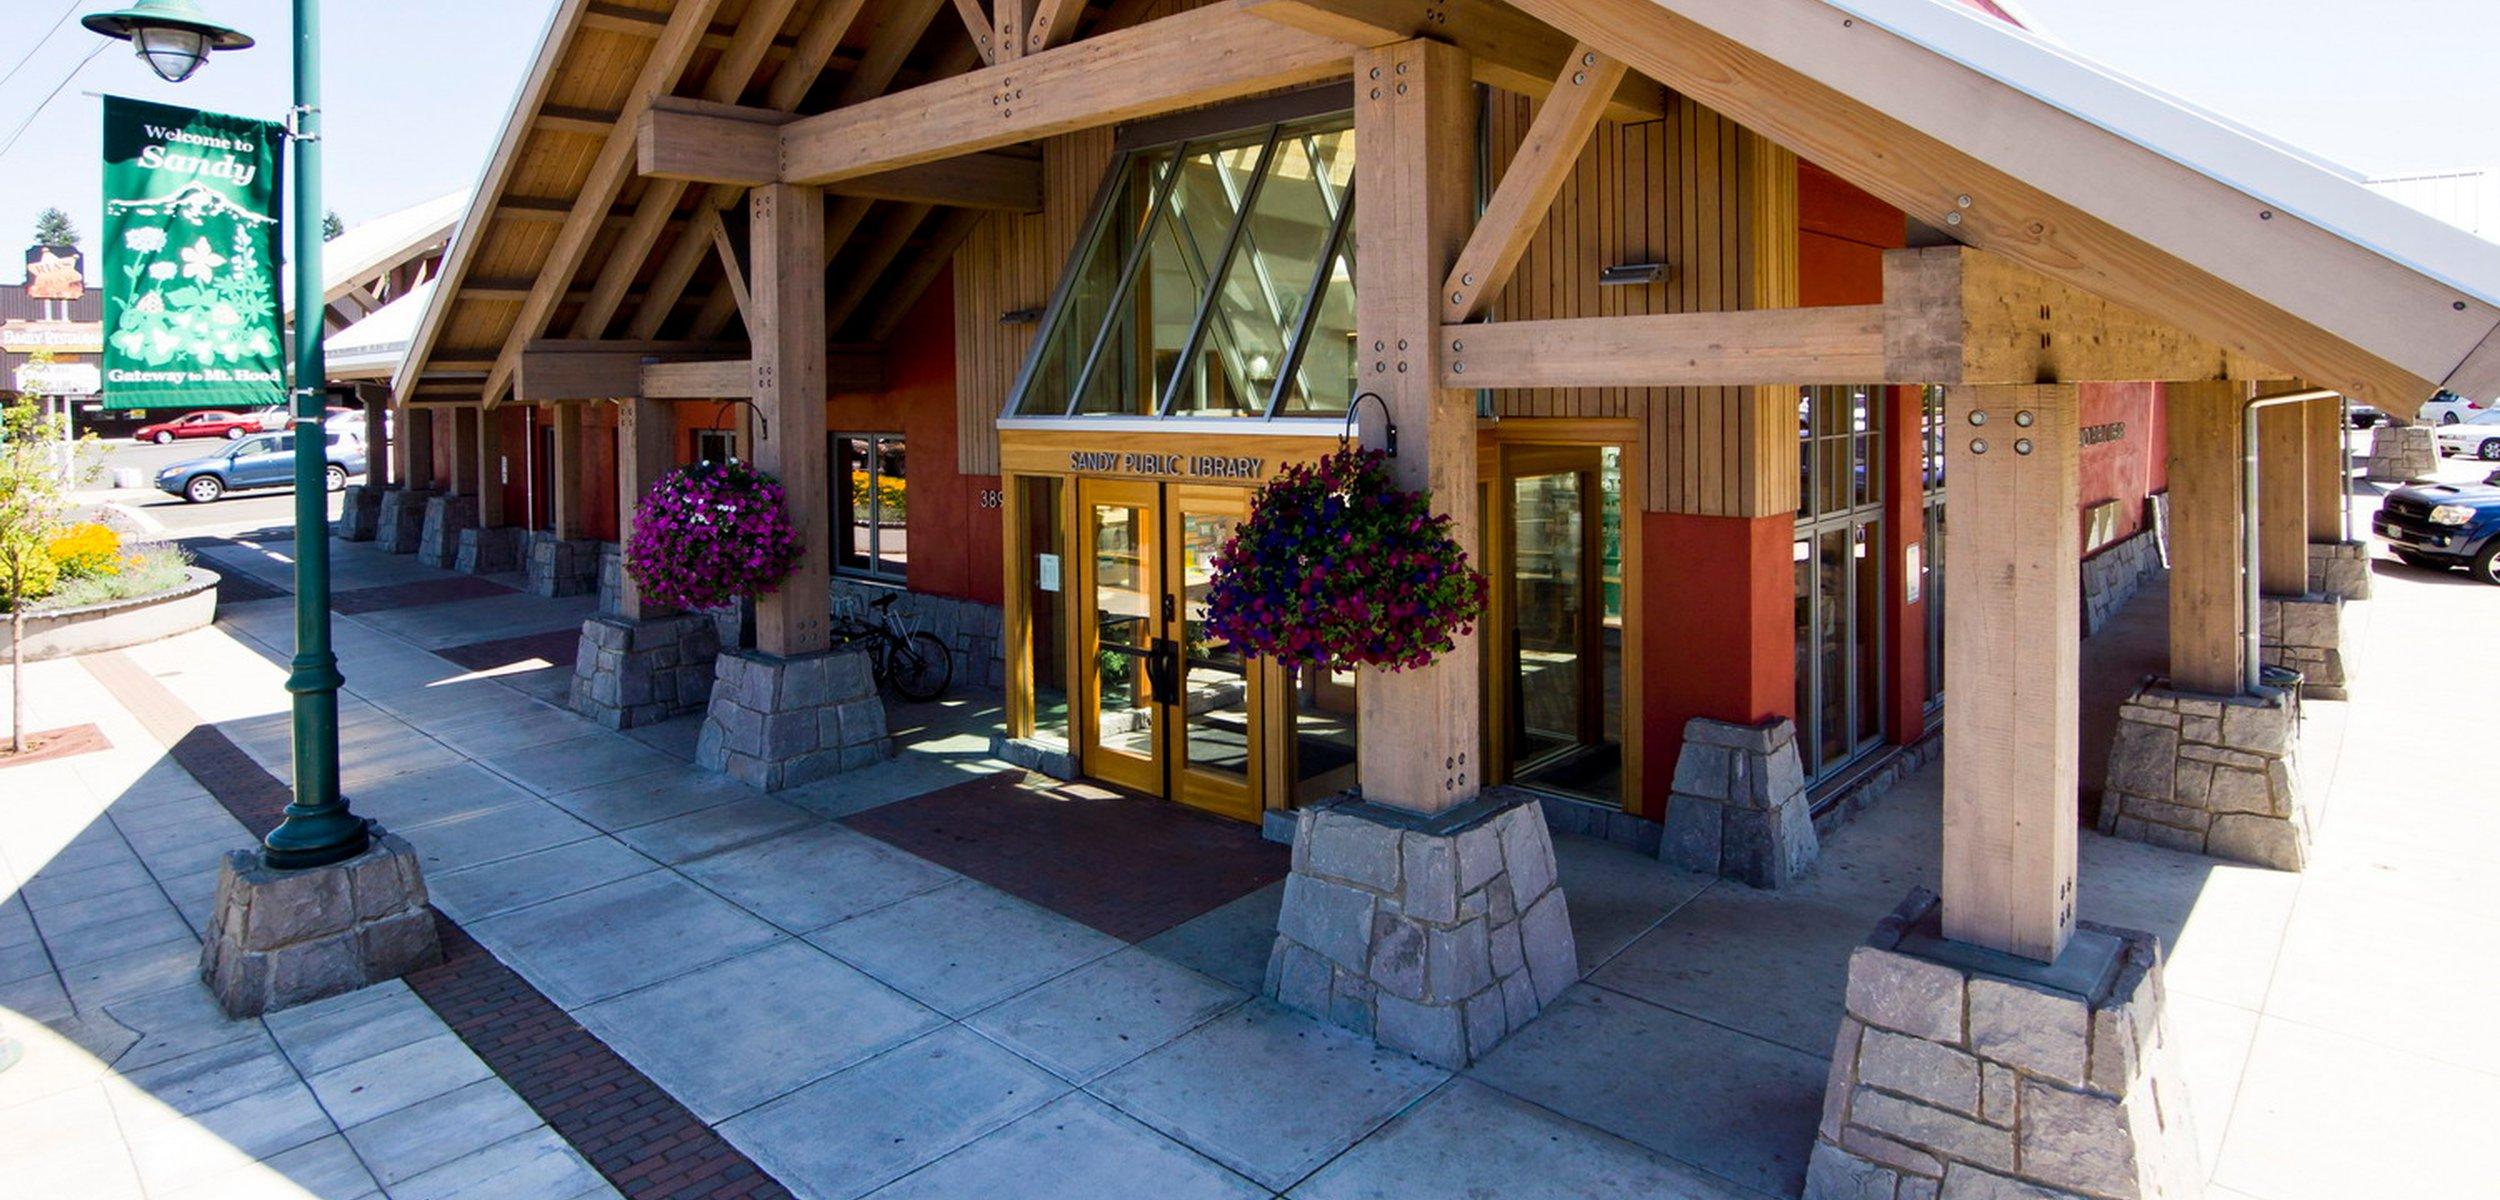 Image result for Sandy Oregon library walk